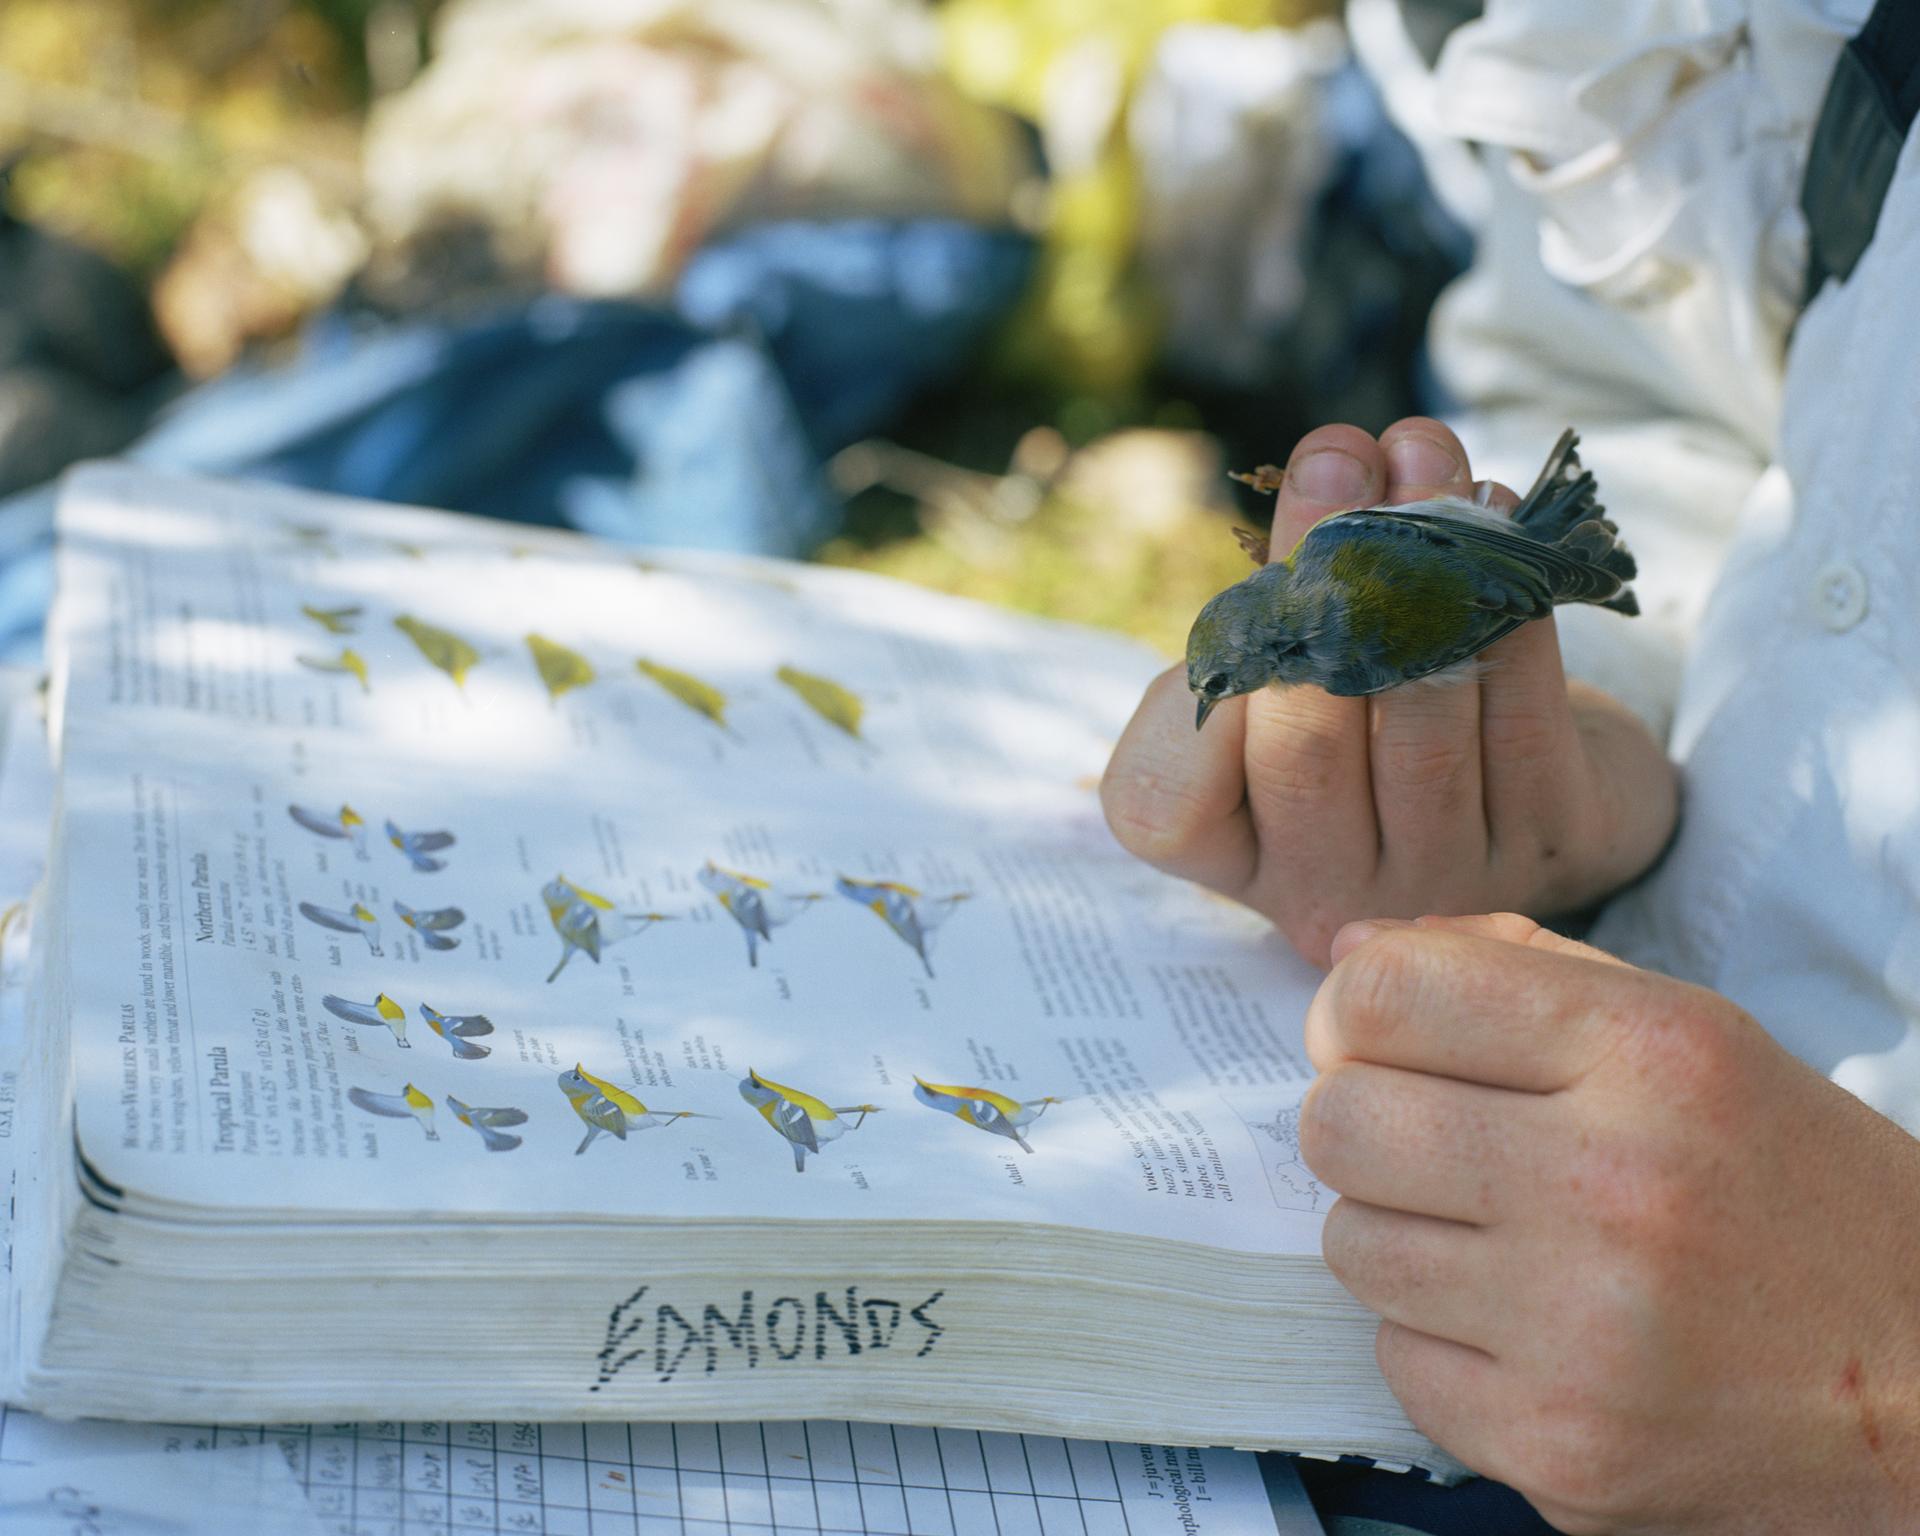 Perula and Bird Book